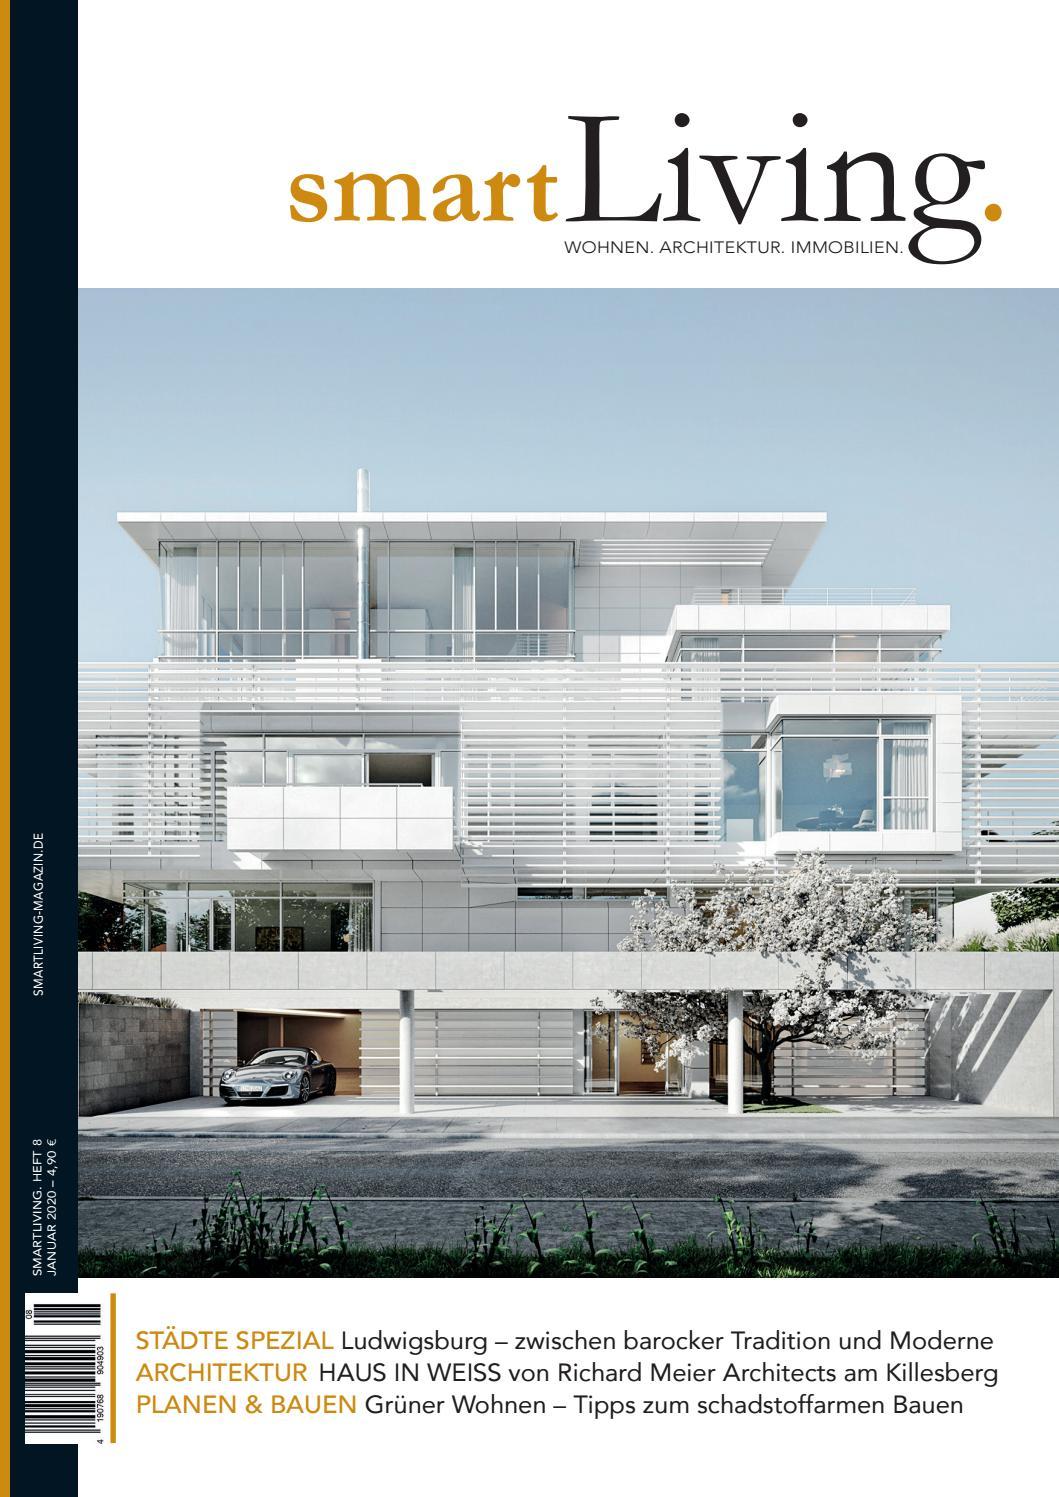 smartLiving Magazin Stuttgart   Ausgabe 20/20 by TFV Technischer ...